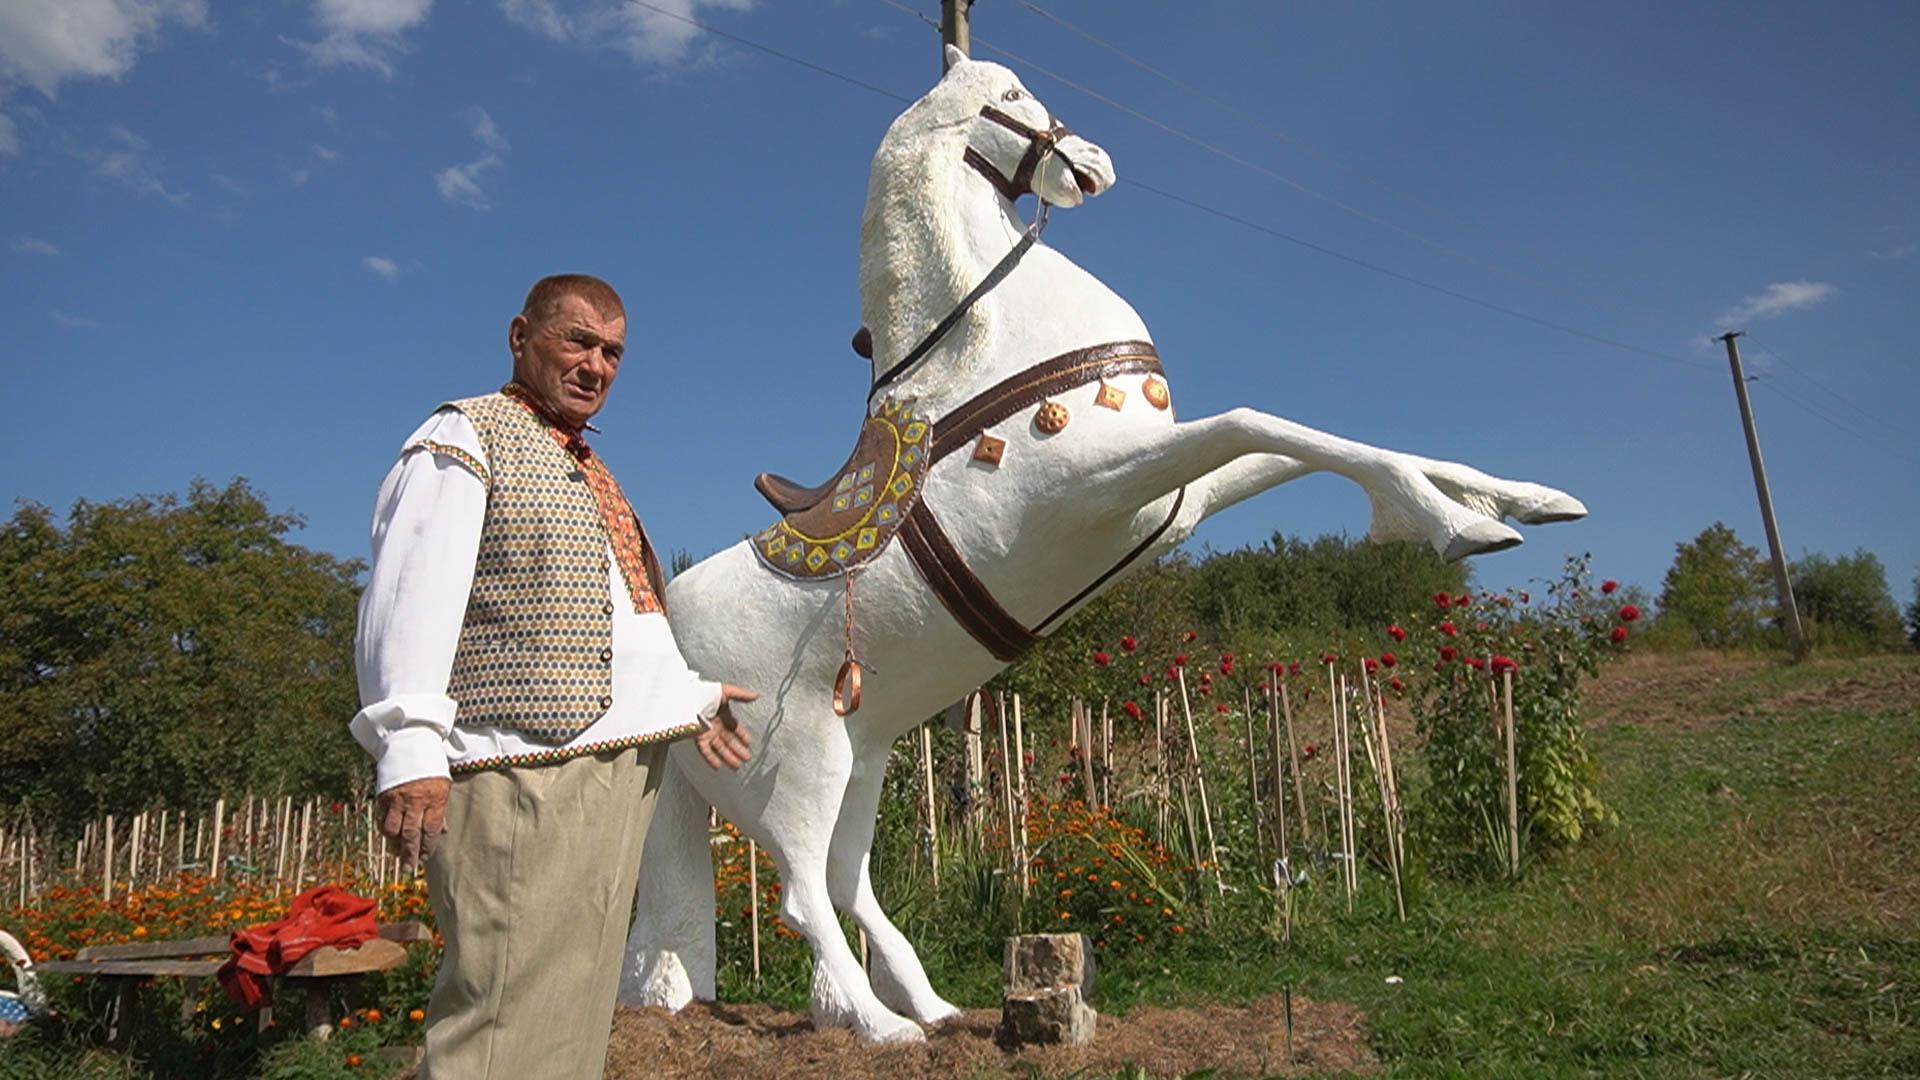 Замовляє весь світ: як скульптор з Прикарпаття своїми статуями дивує (ВІДЕО)